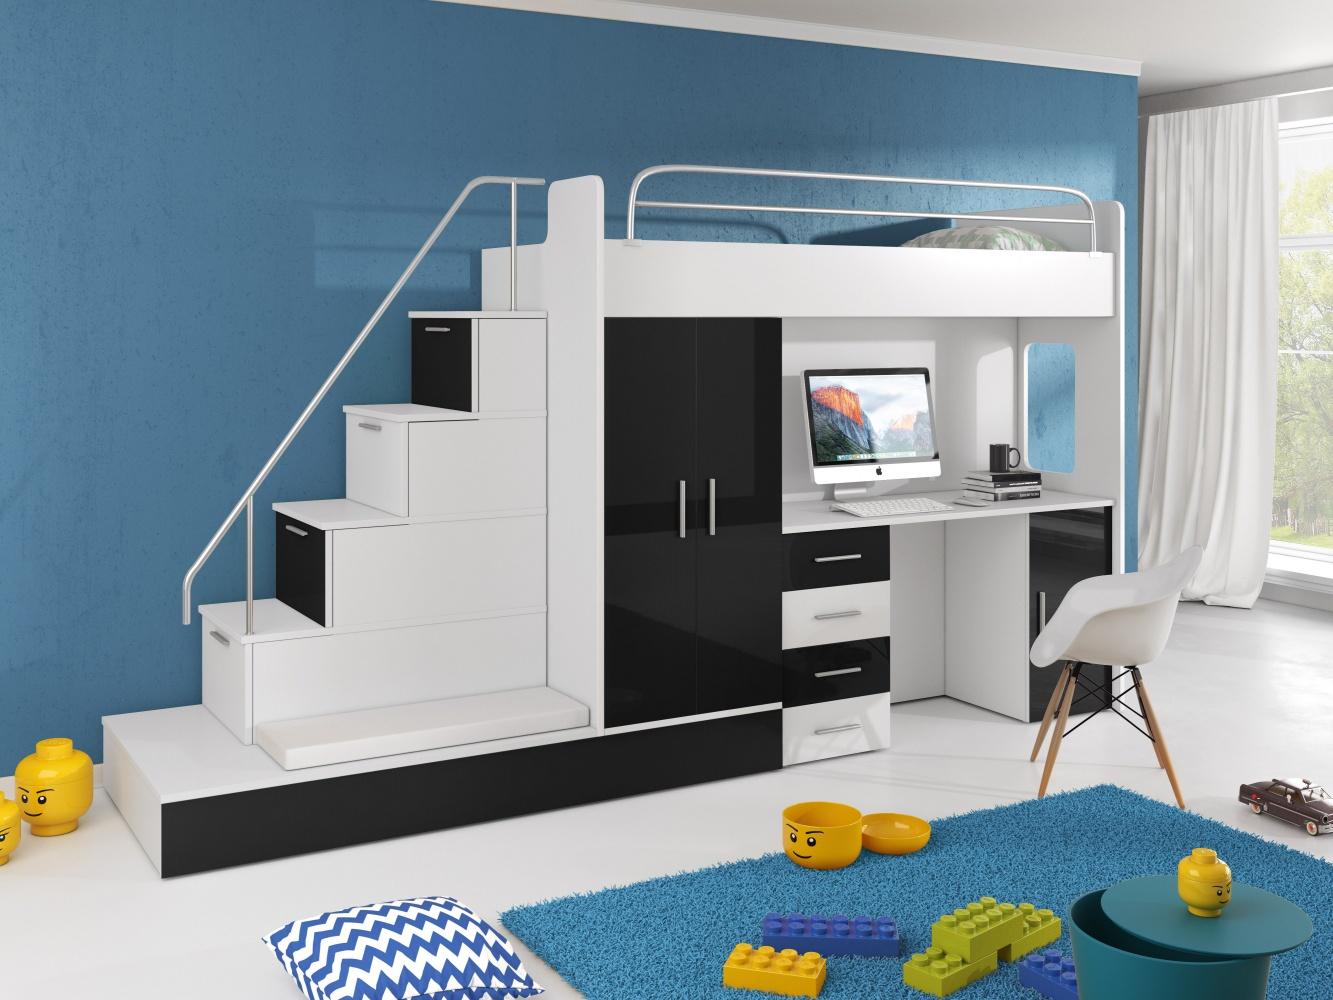 Etagenbett Liegefläche 80 180 : Hochbett mit treppe beluzi inkl. gästebett kaufen bei möbel lux